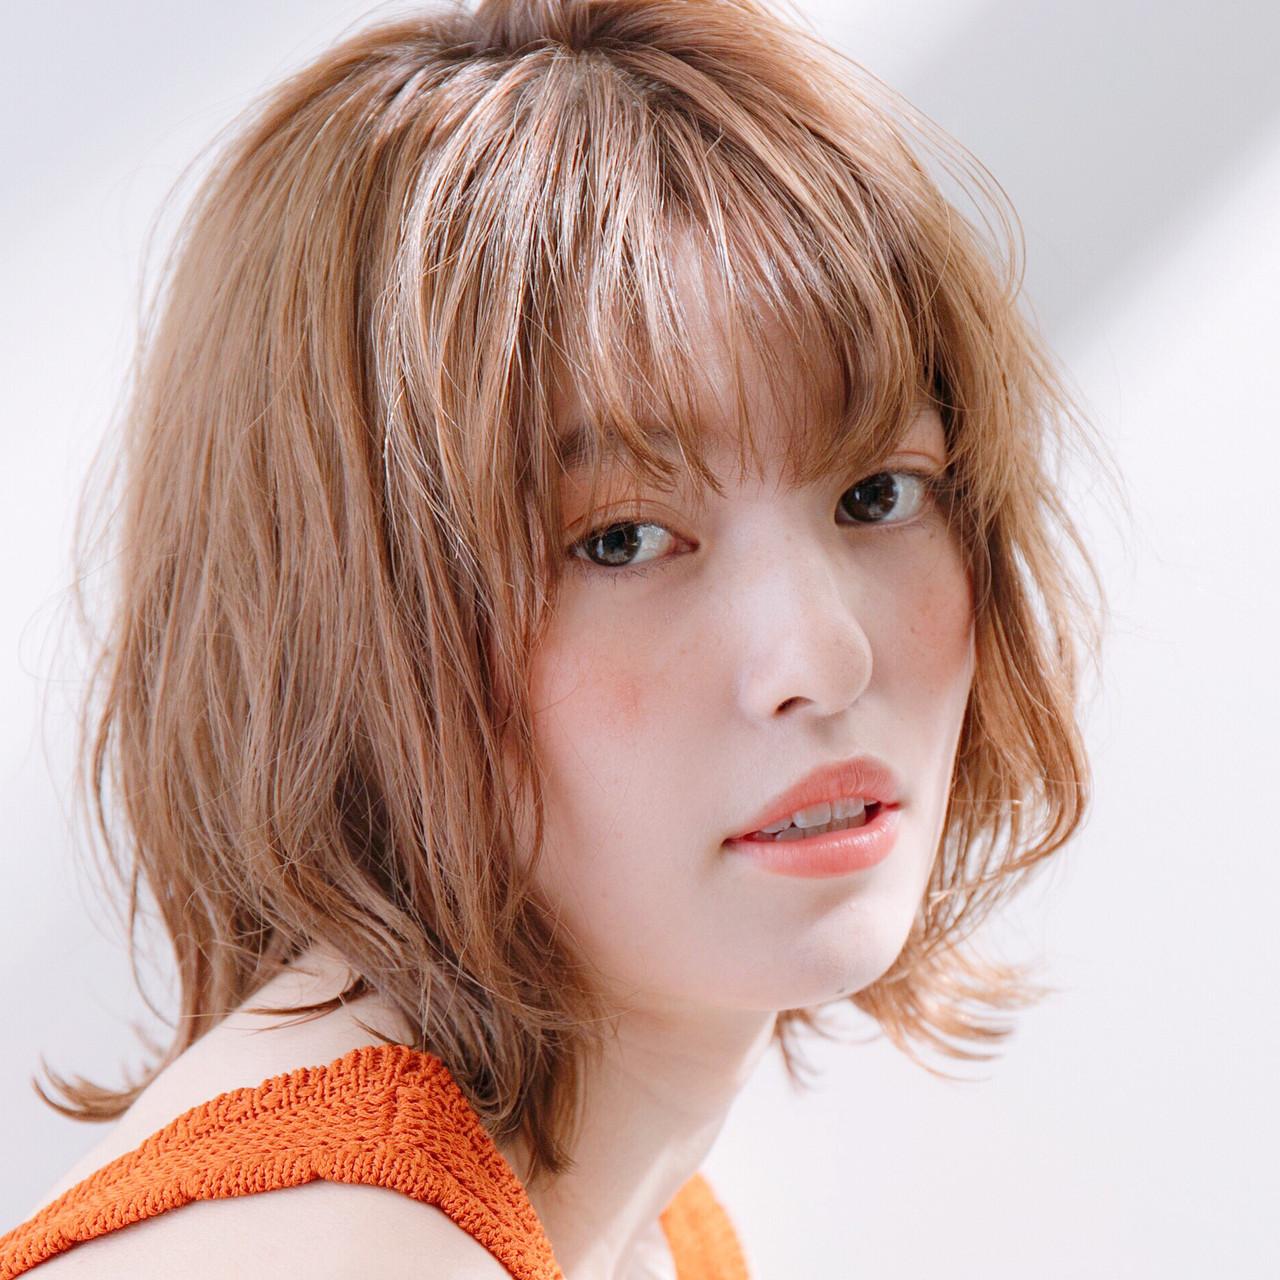 ミディアム スポーツ ヘアアレンジ アンニュイほつれヘア ヘアスタイルや髪型の写真・画像